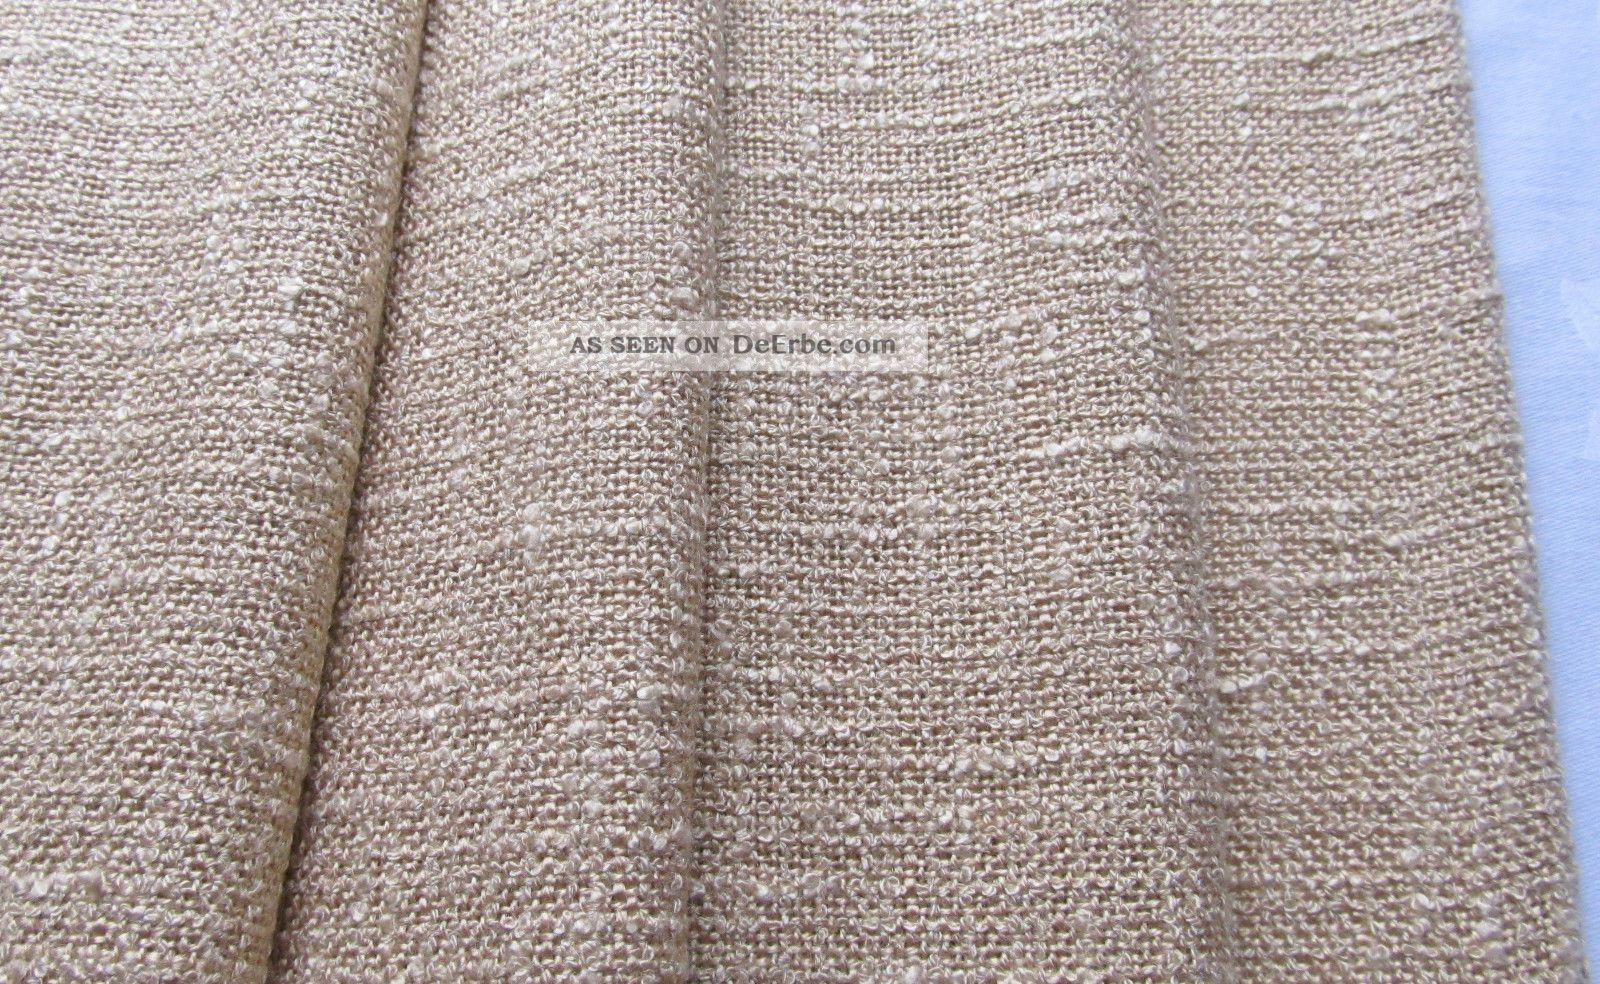 2 Vorhänge 60er 70er Gardine Vorhang Store L 170cm Beige Creme Vintage Top 1970-1979 Bild